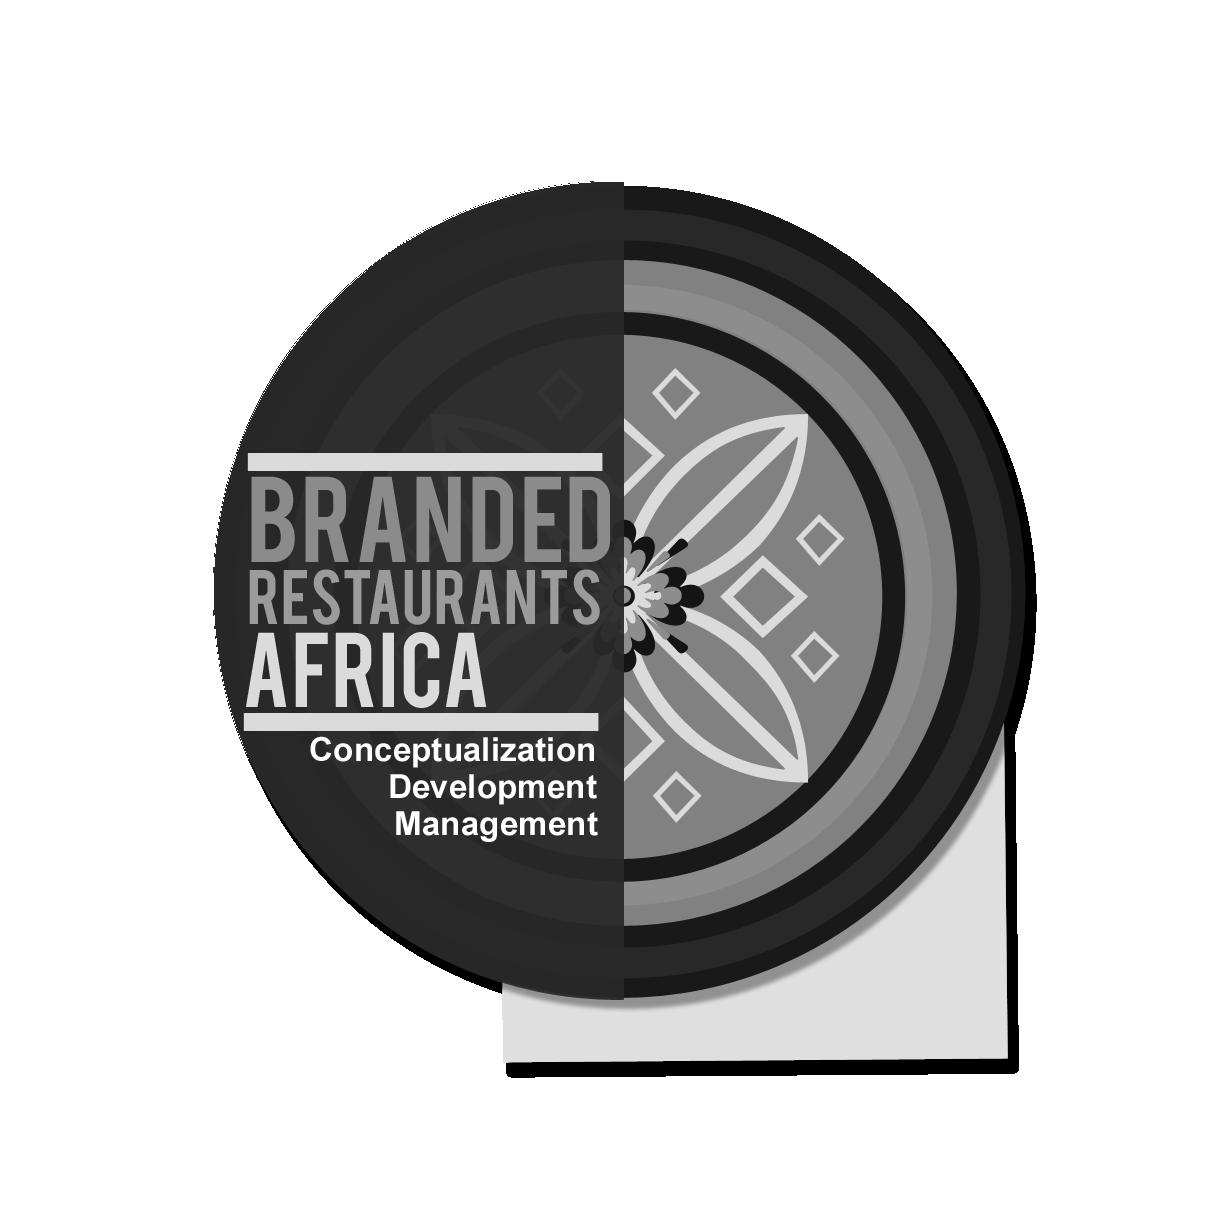 Branded Restaurants Africa